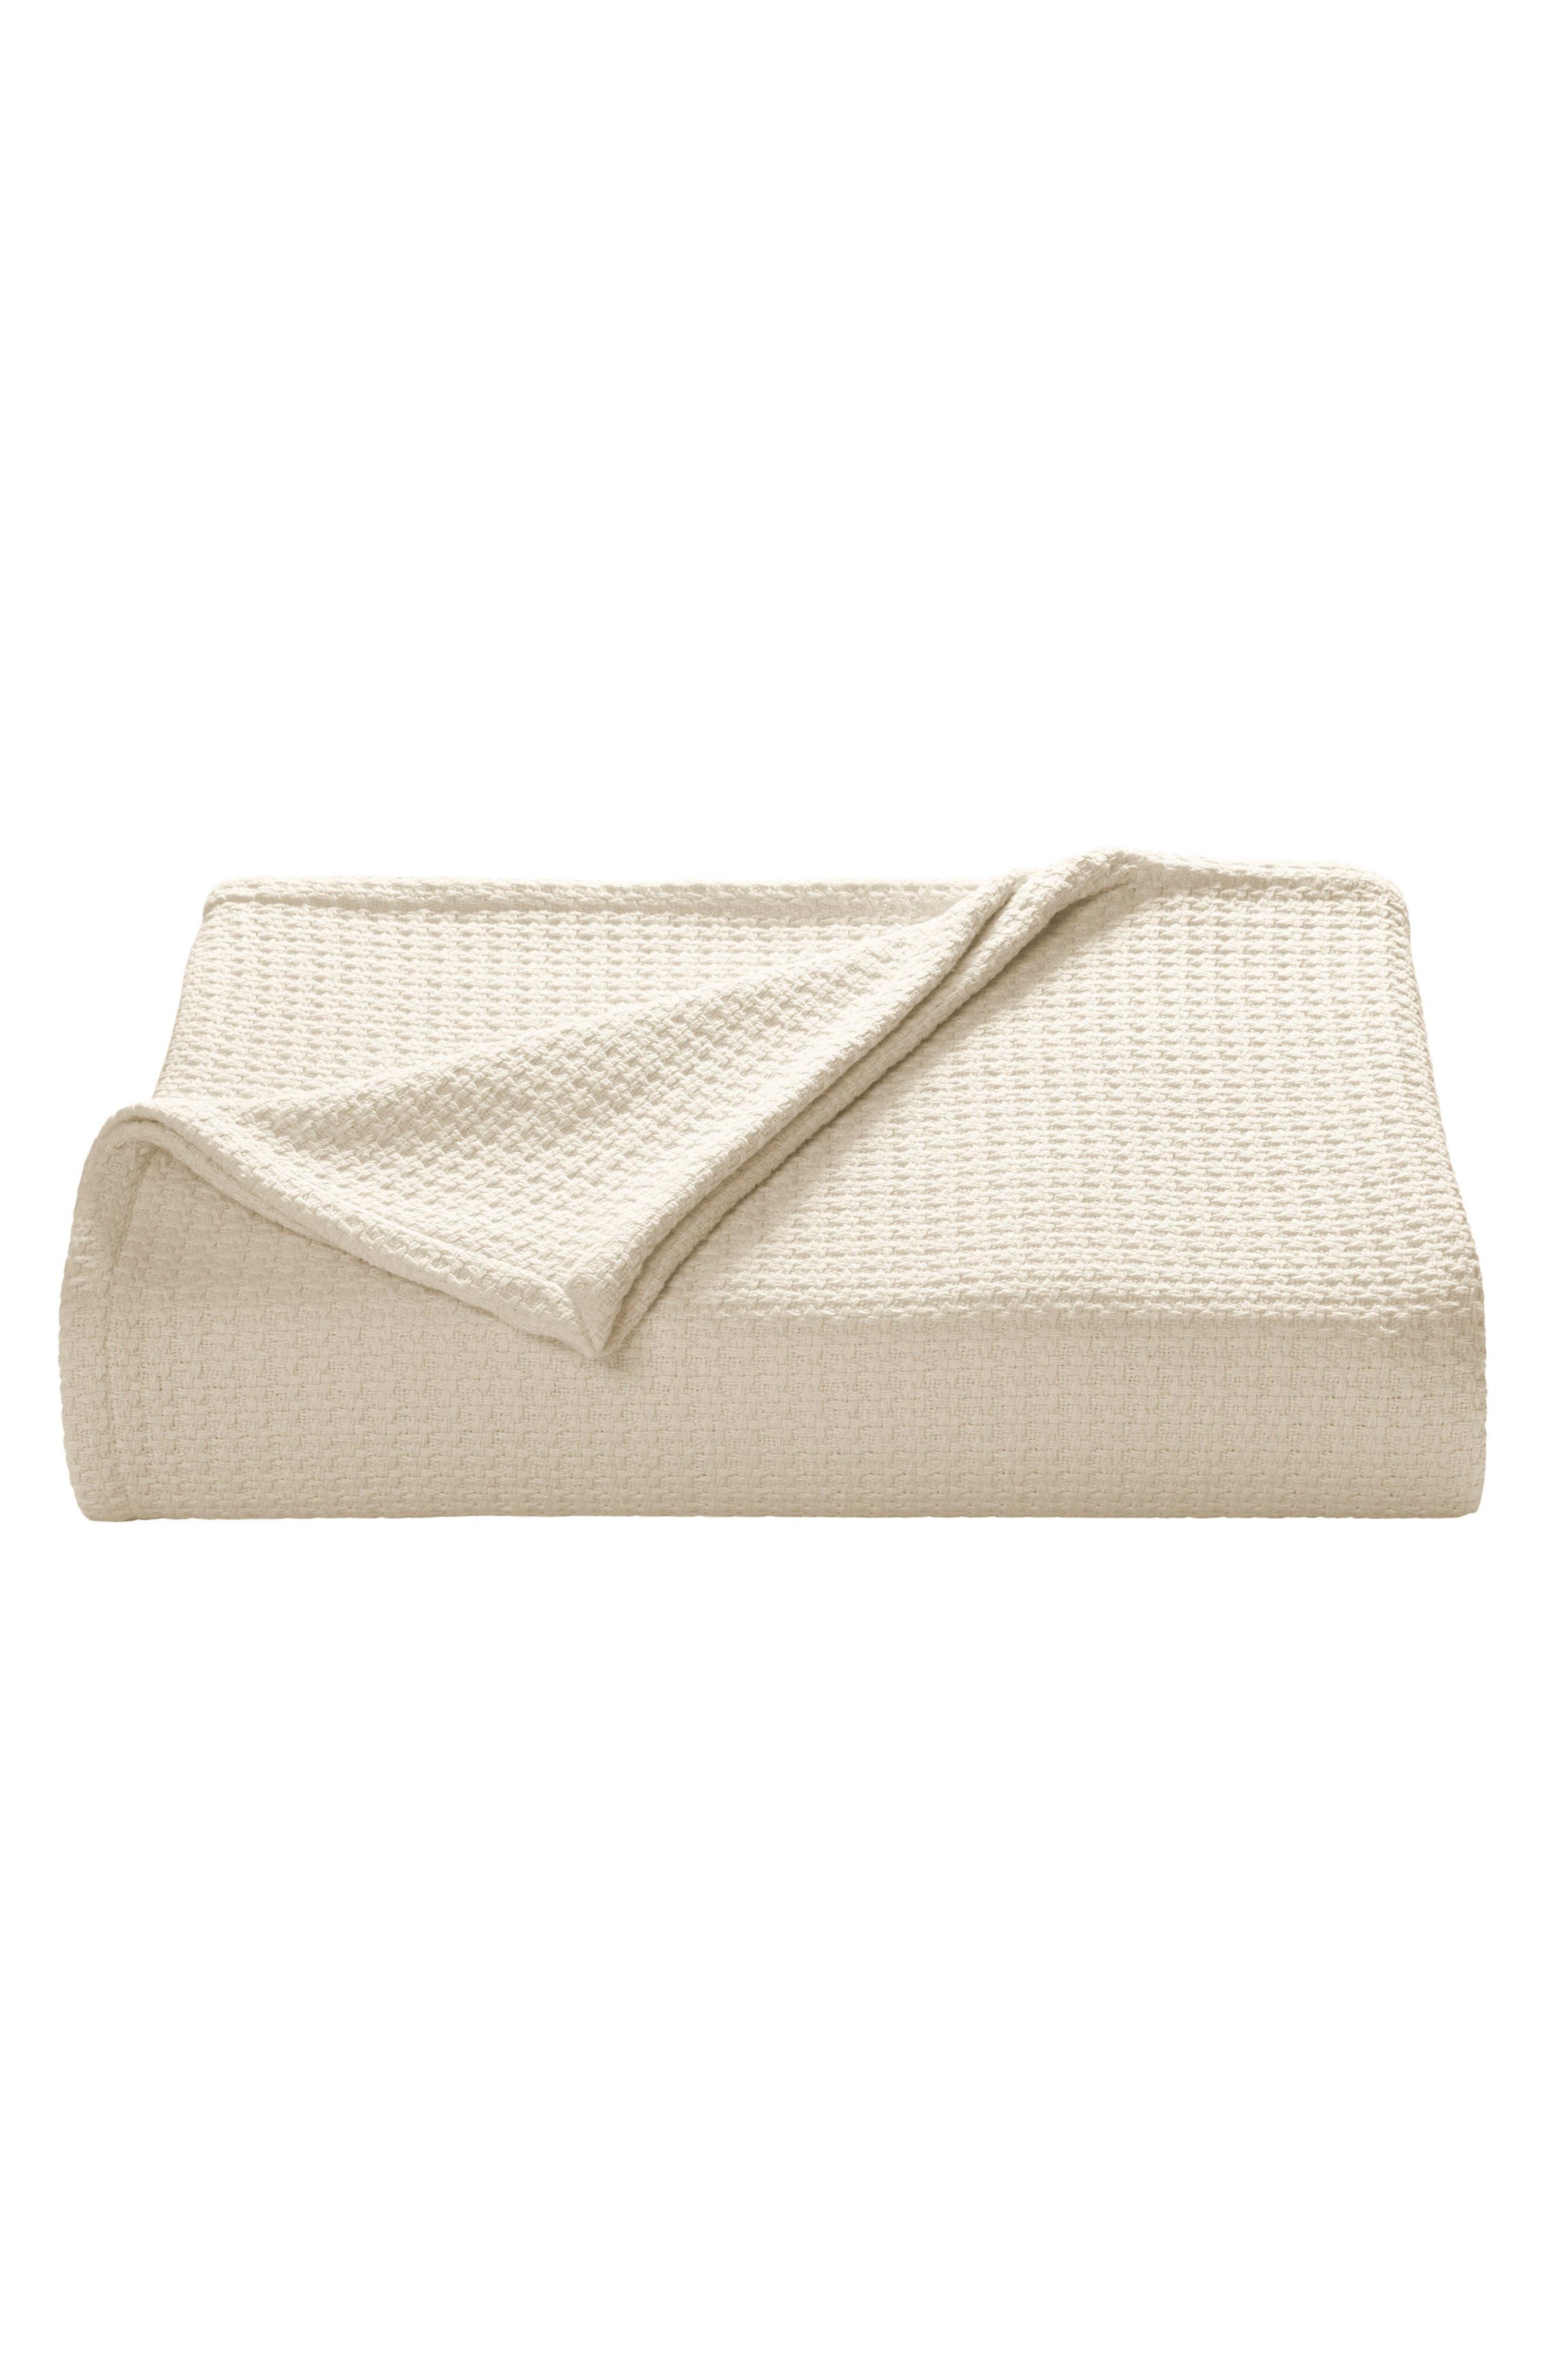 Bahama Coast Cotton Blanket,                         Main,                         color, Natural